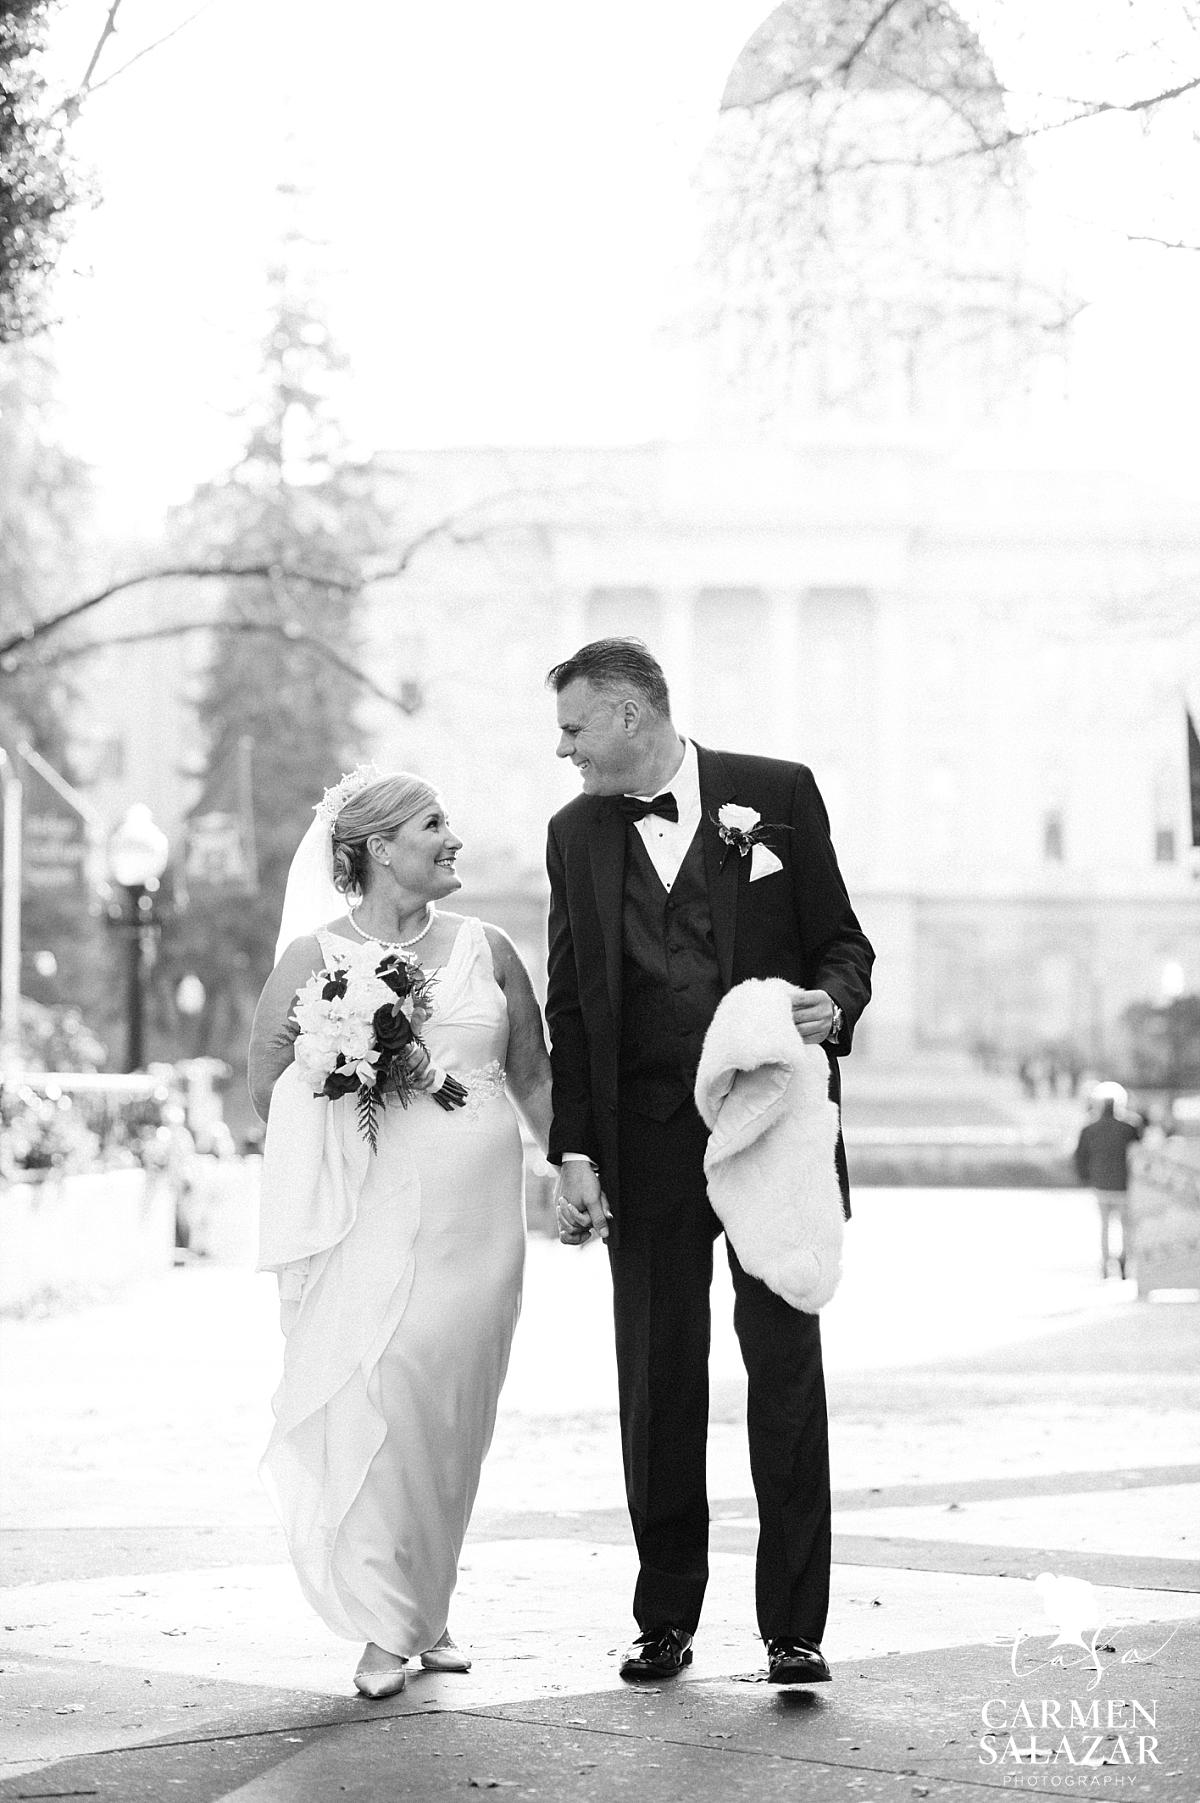 Sacramento Capitol wedding photography - Carmen Salazar